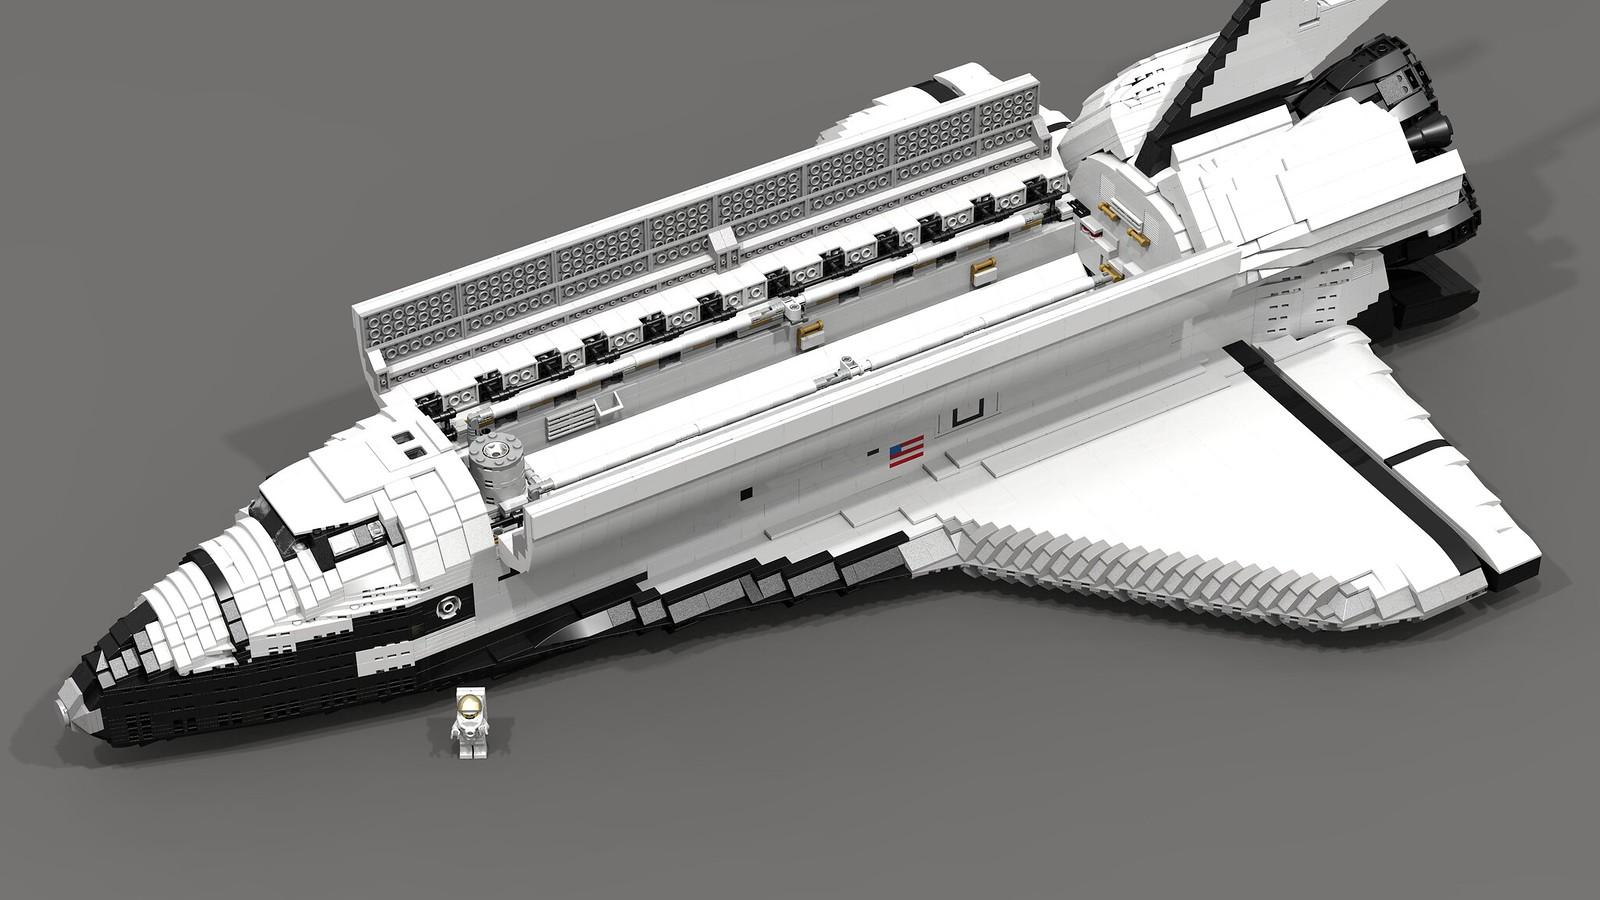 space shuttle lego moc - photo #23